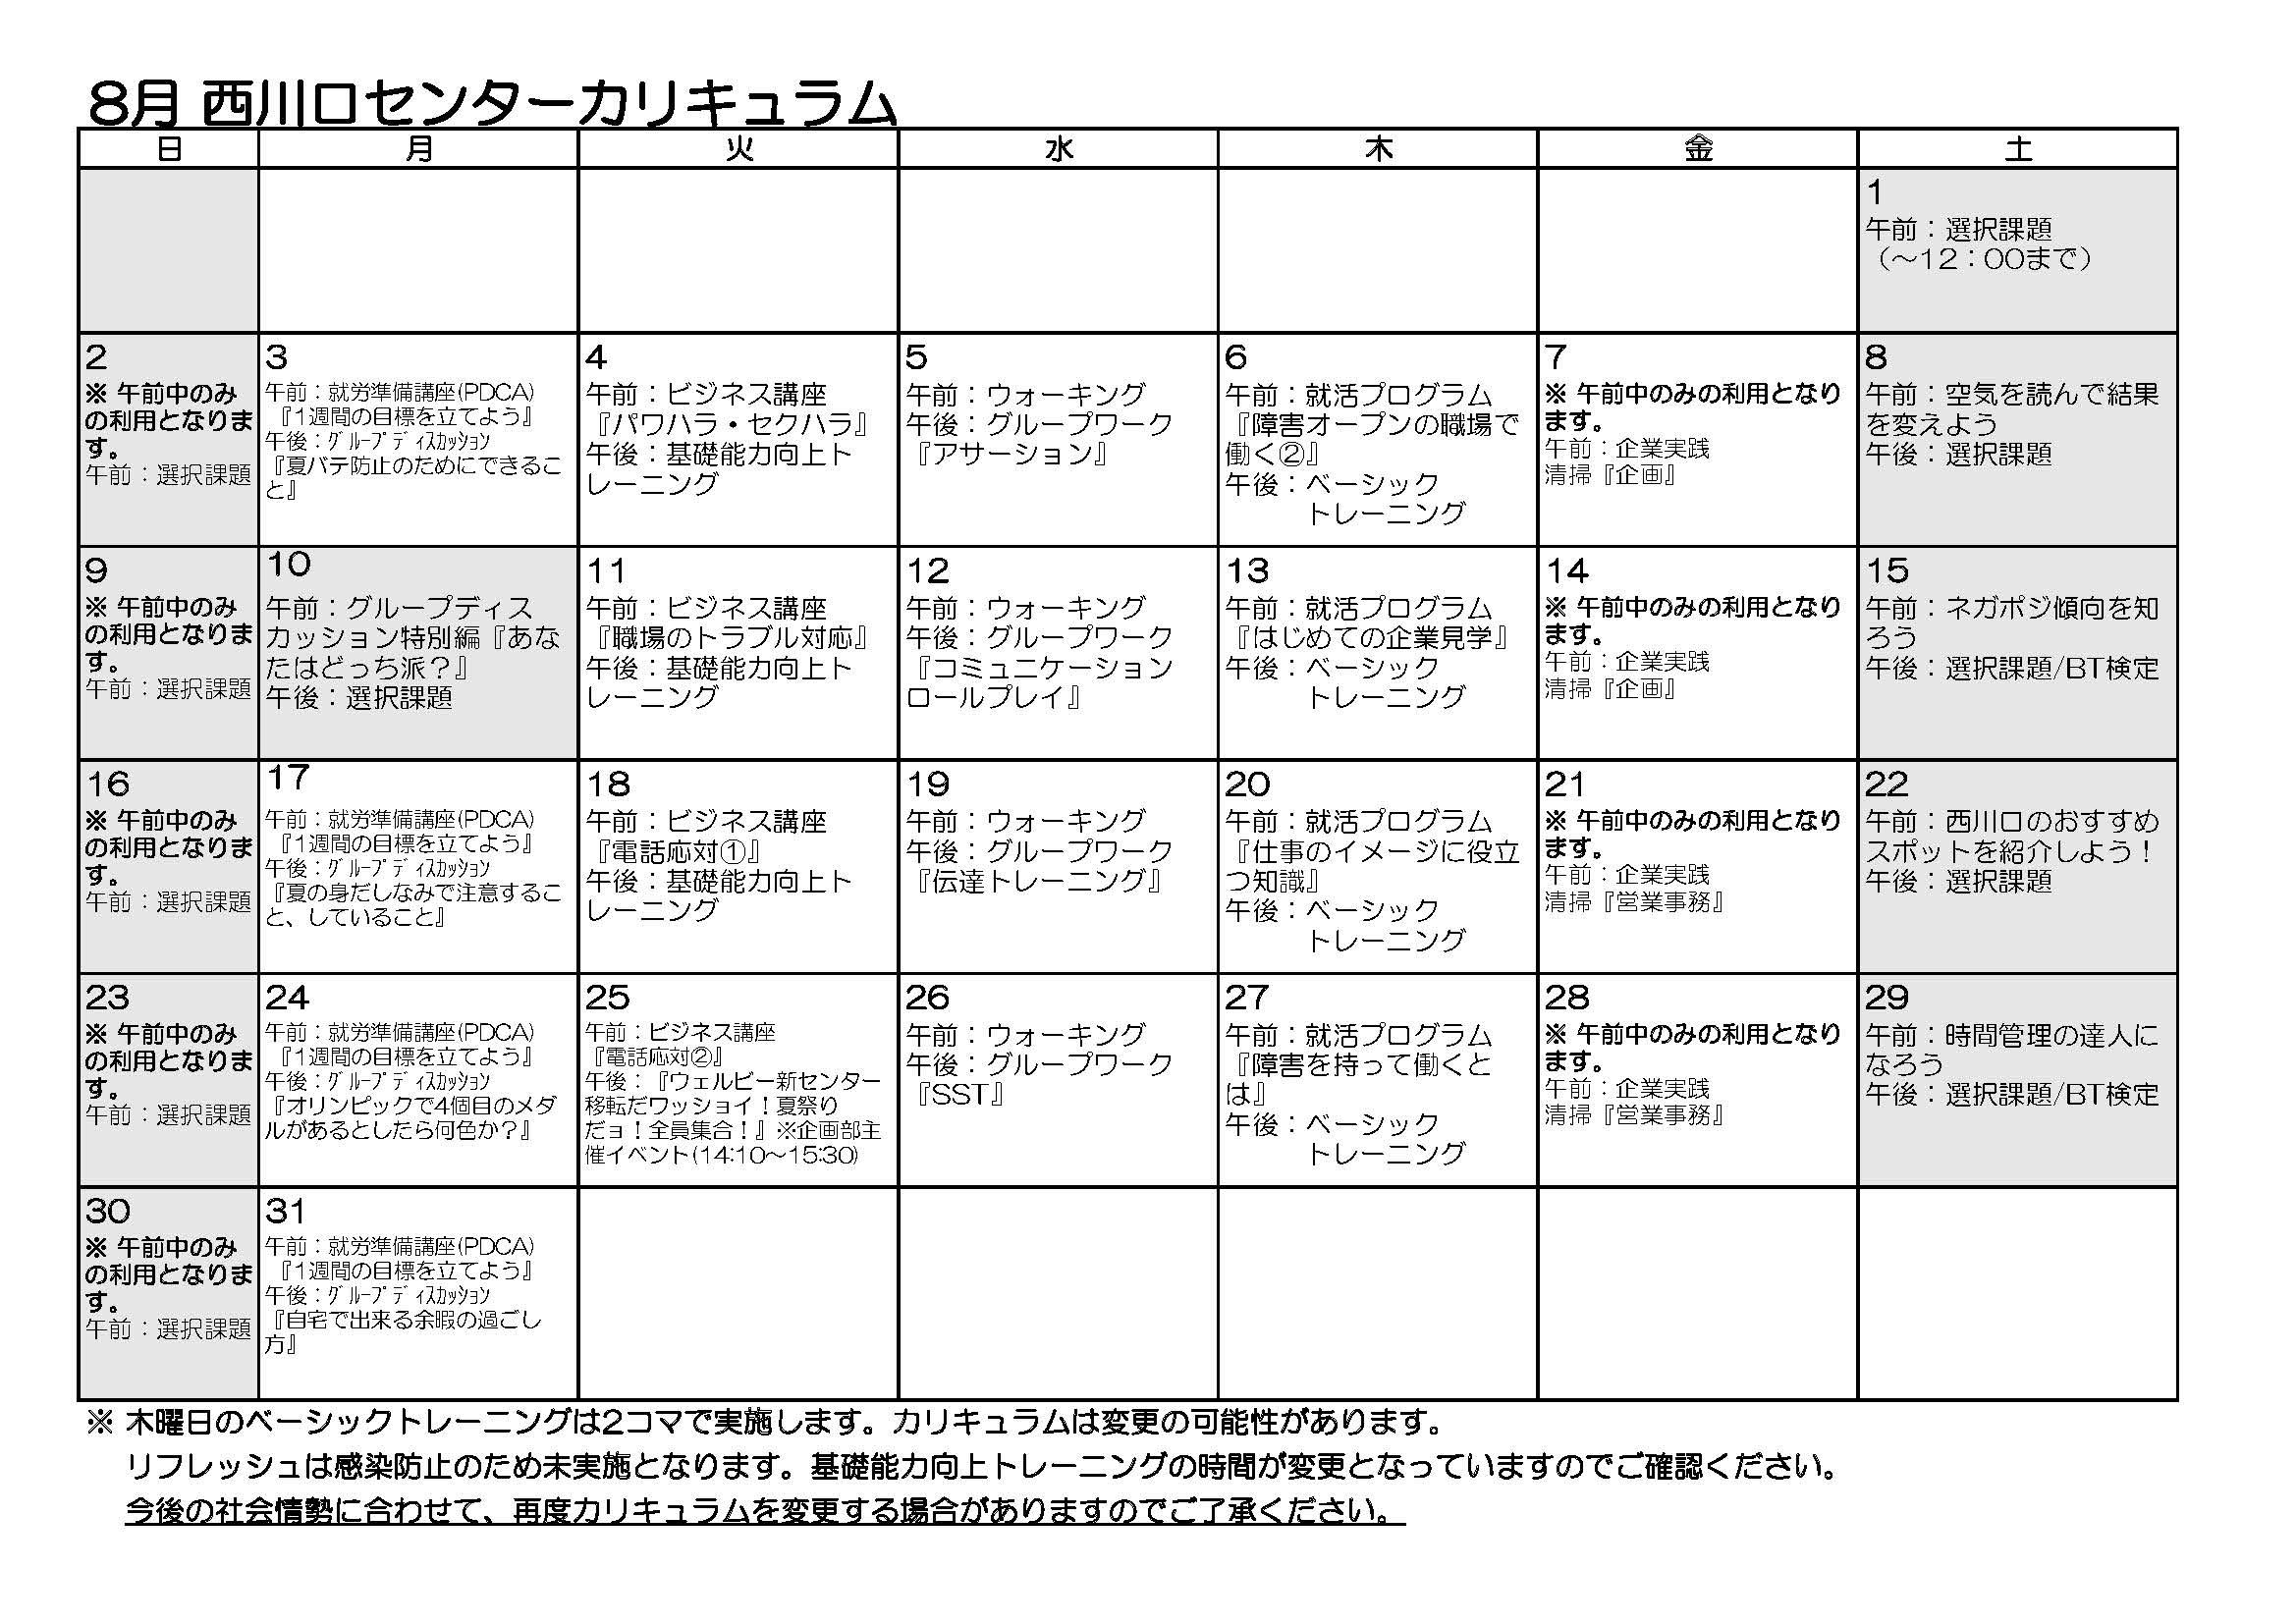 8月月間カリキュラム表